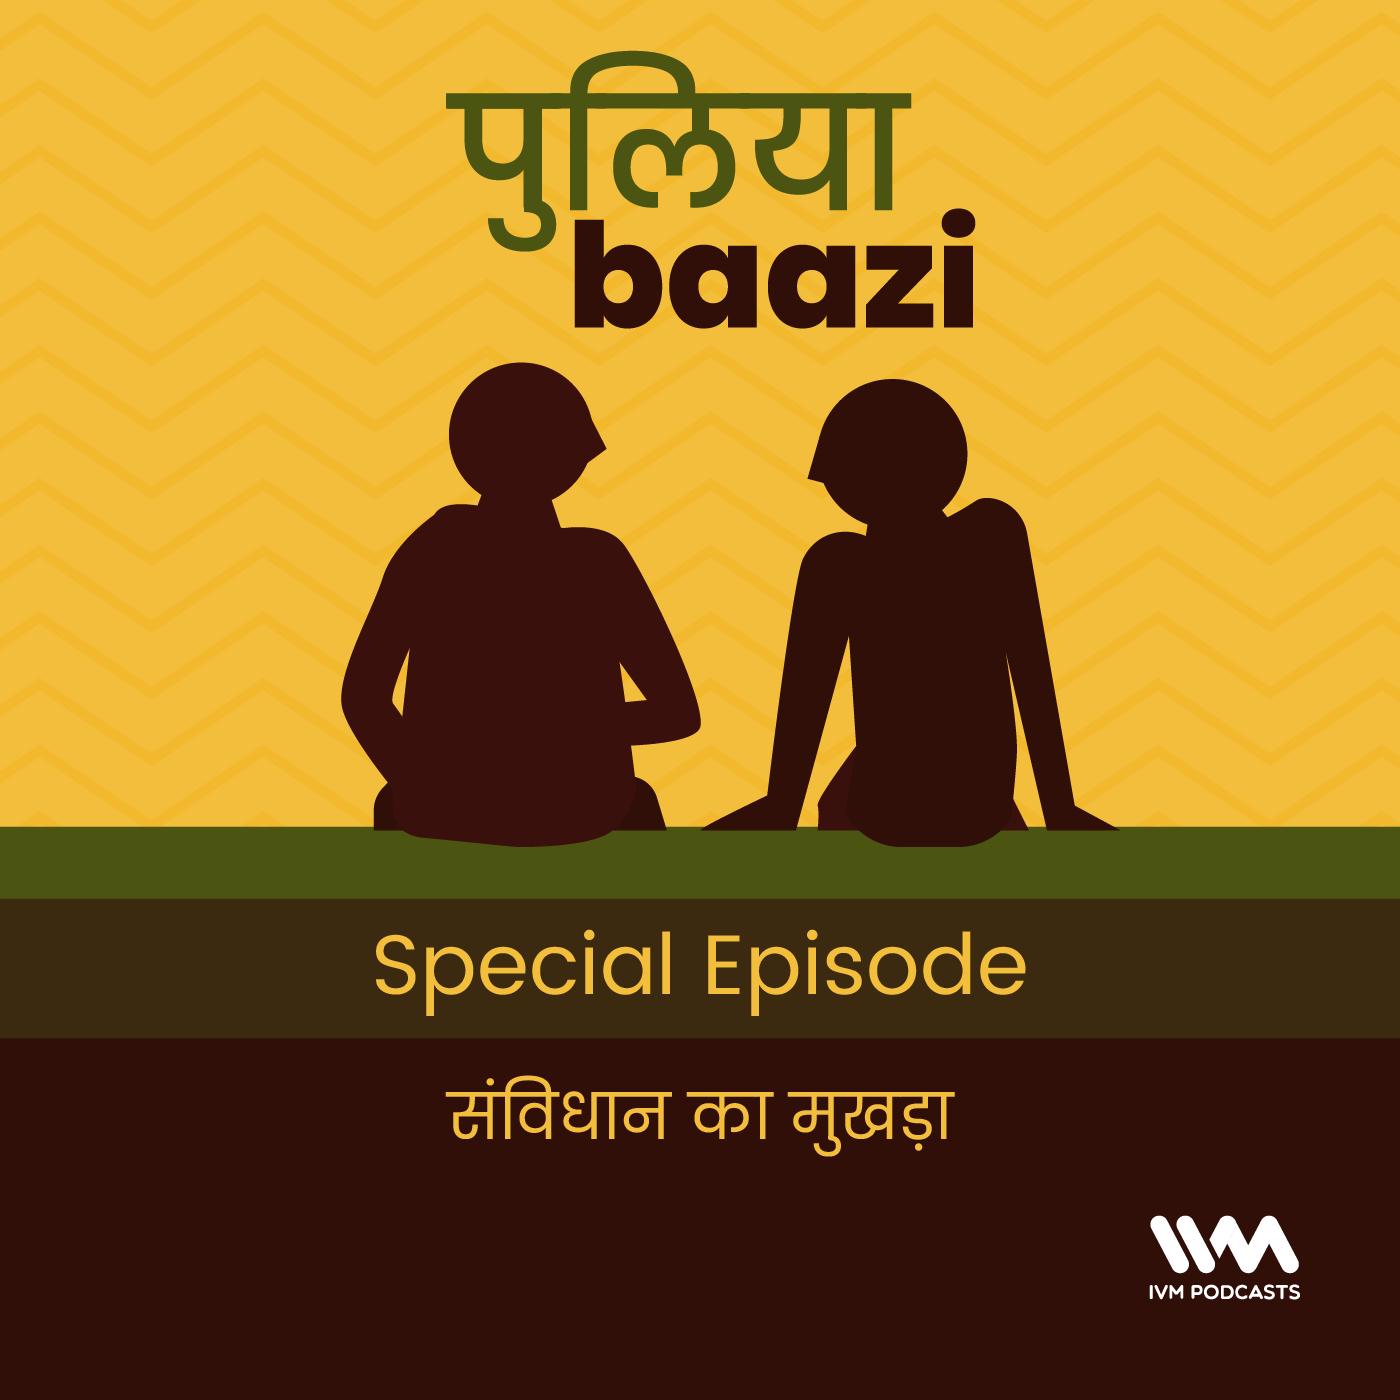 Special Episode: संविधान का मुखड़ा